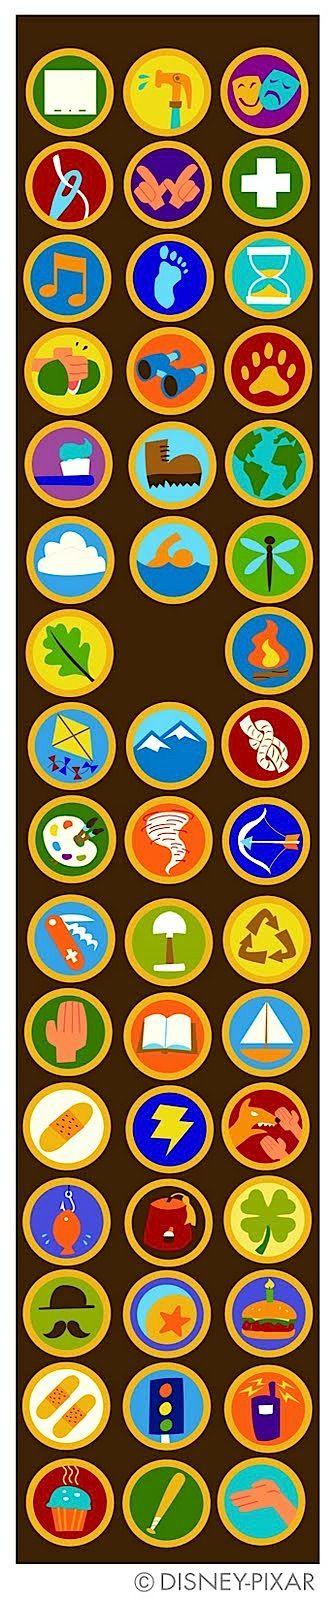 up badges for wilderness explorer costume russell pixar disney. Black Bedroom Furniture Sets. Home Design Ideas